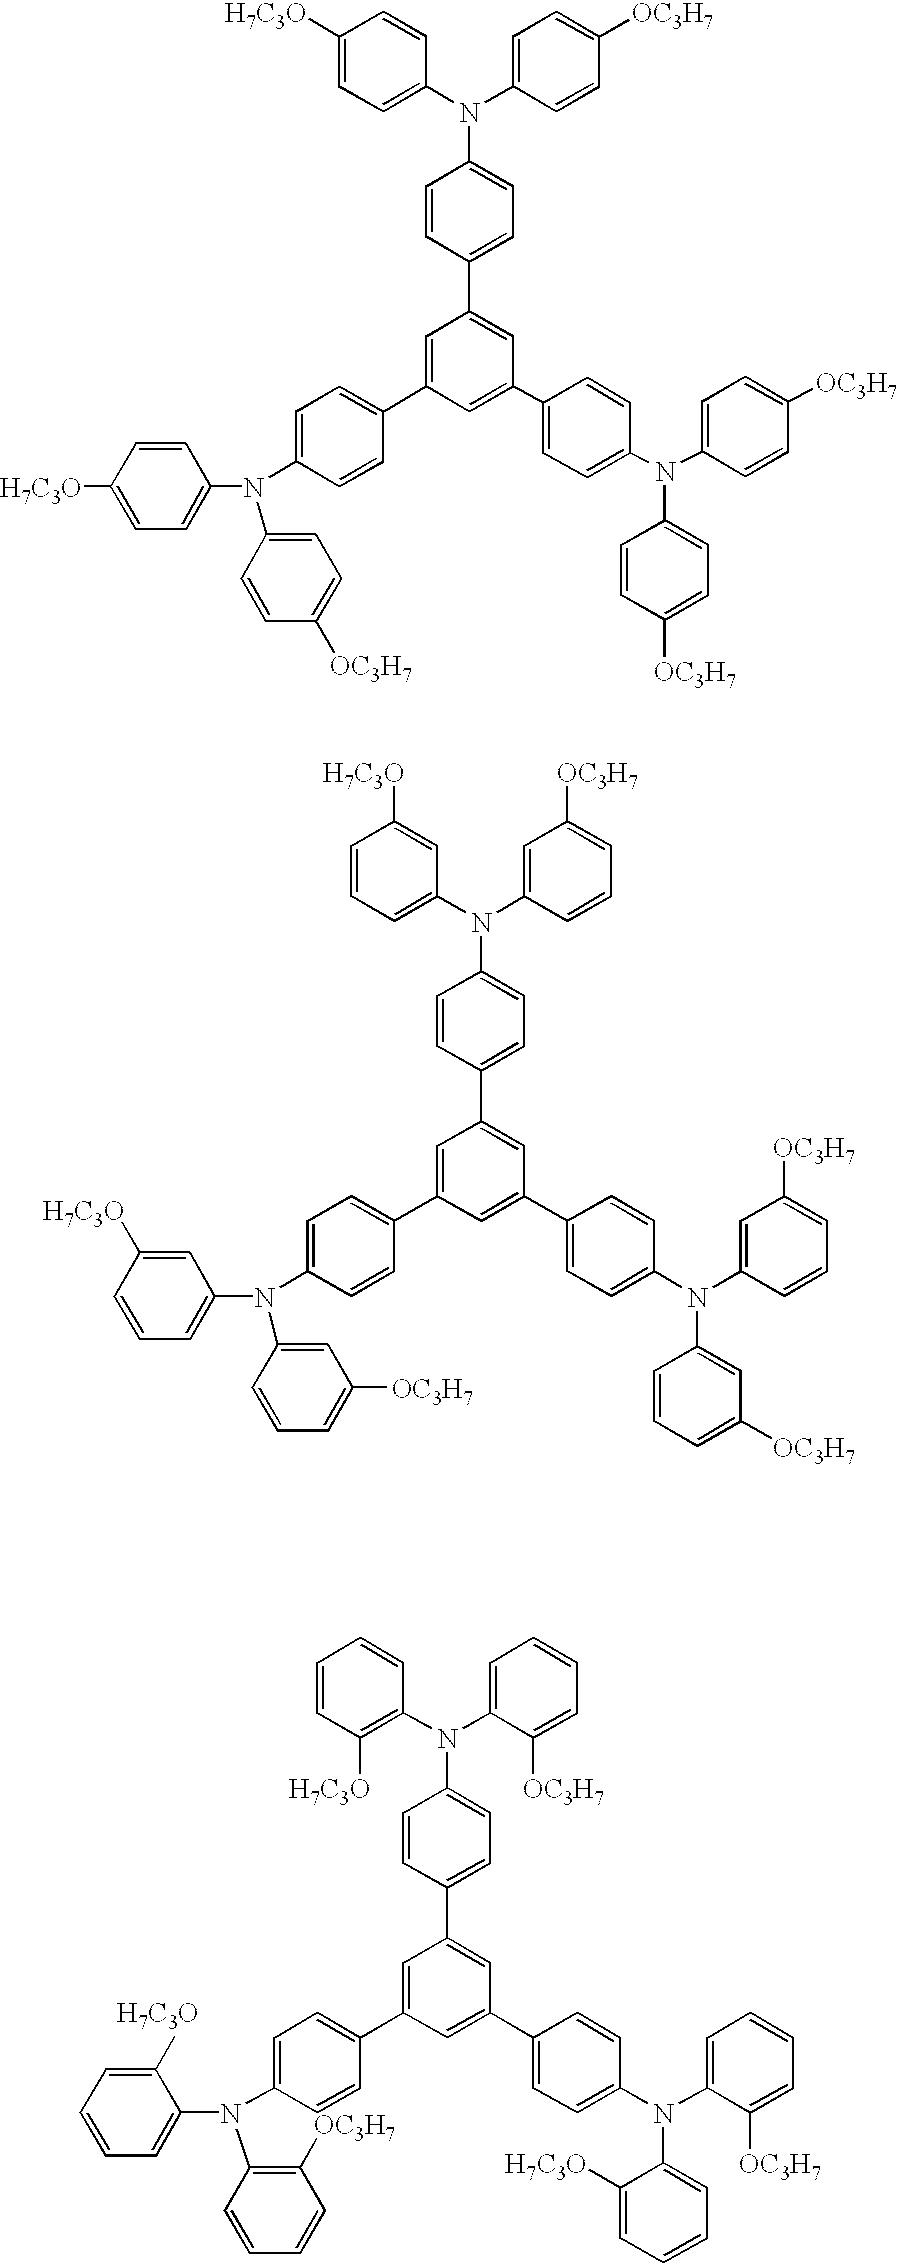 Figure US06541128-20030401-C00009